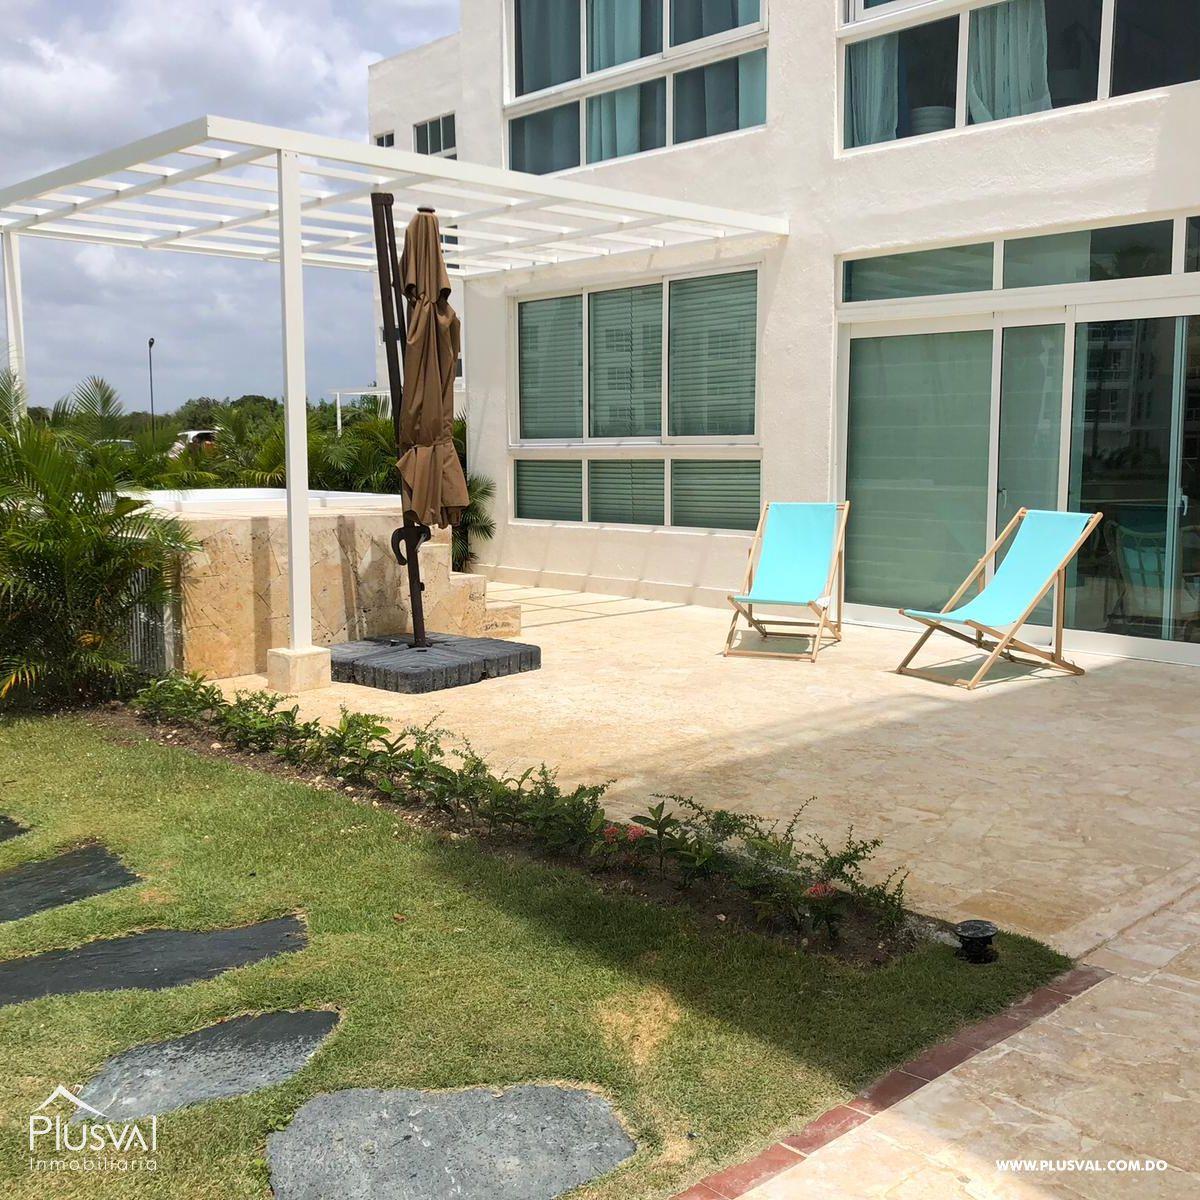 Apartamento de 2 habs en venta, en primera linea de playa La Romana 148326